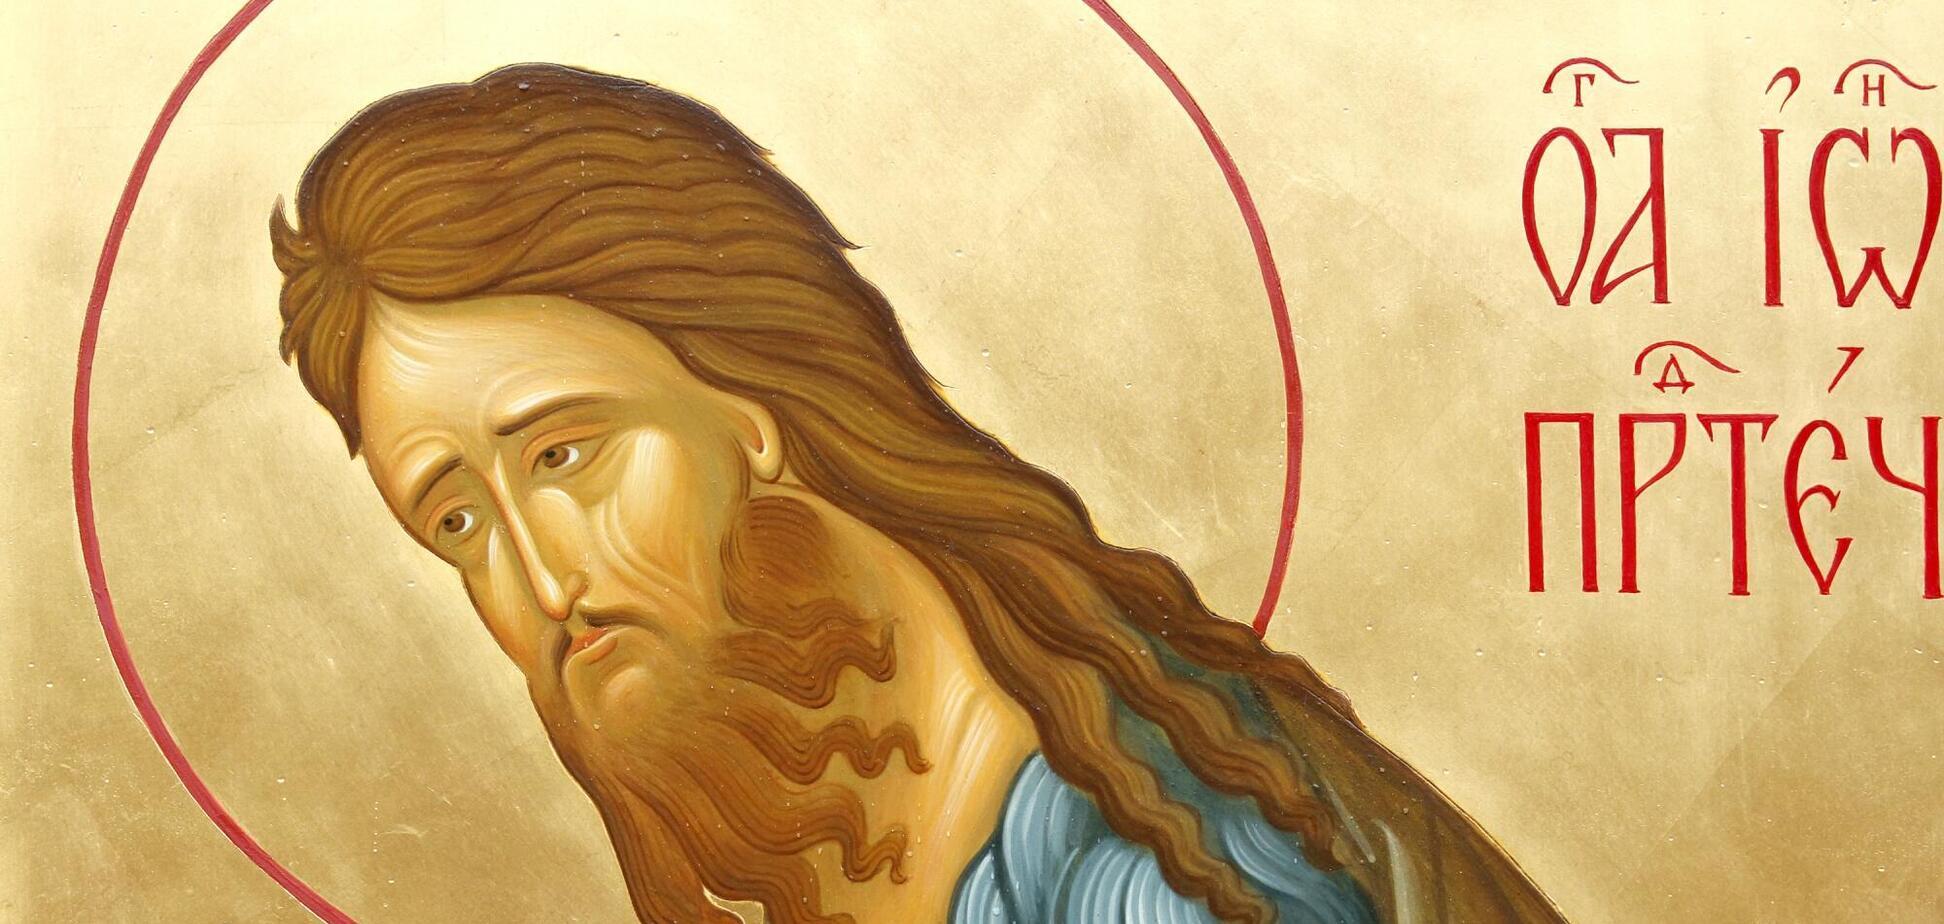 Иоанн Предтеча предсказал пришествие Спасителя, а затем крестил его в водах реки Иордан. Источник: pravmir.ru